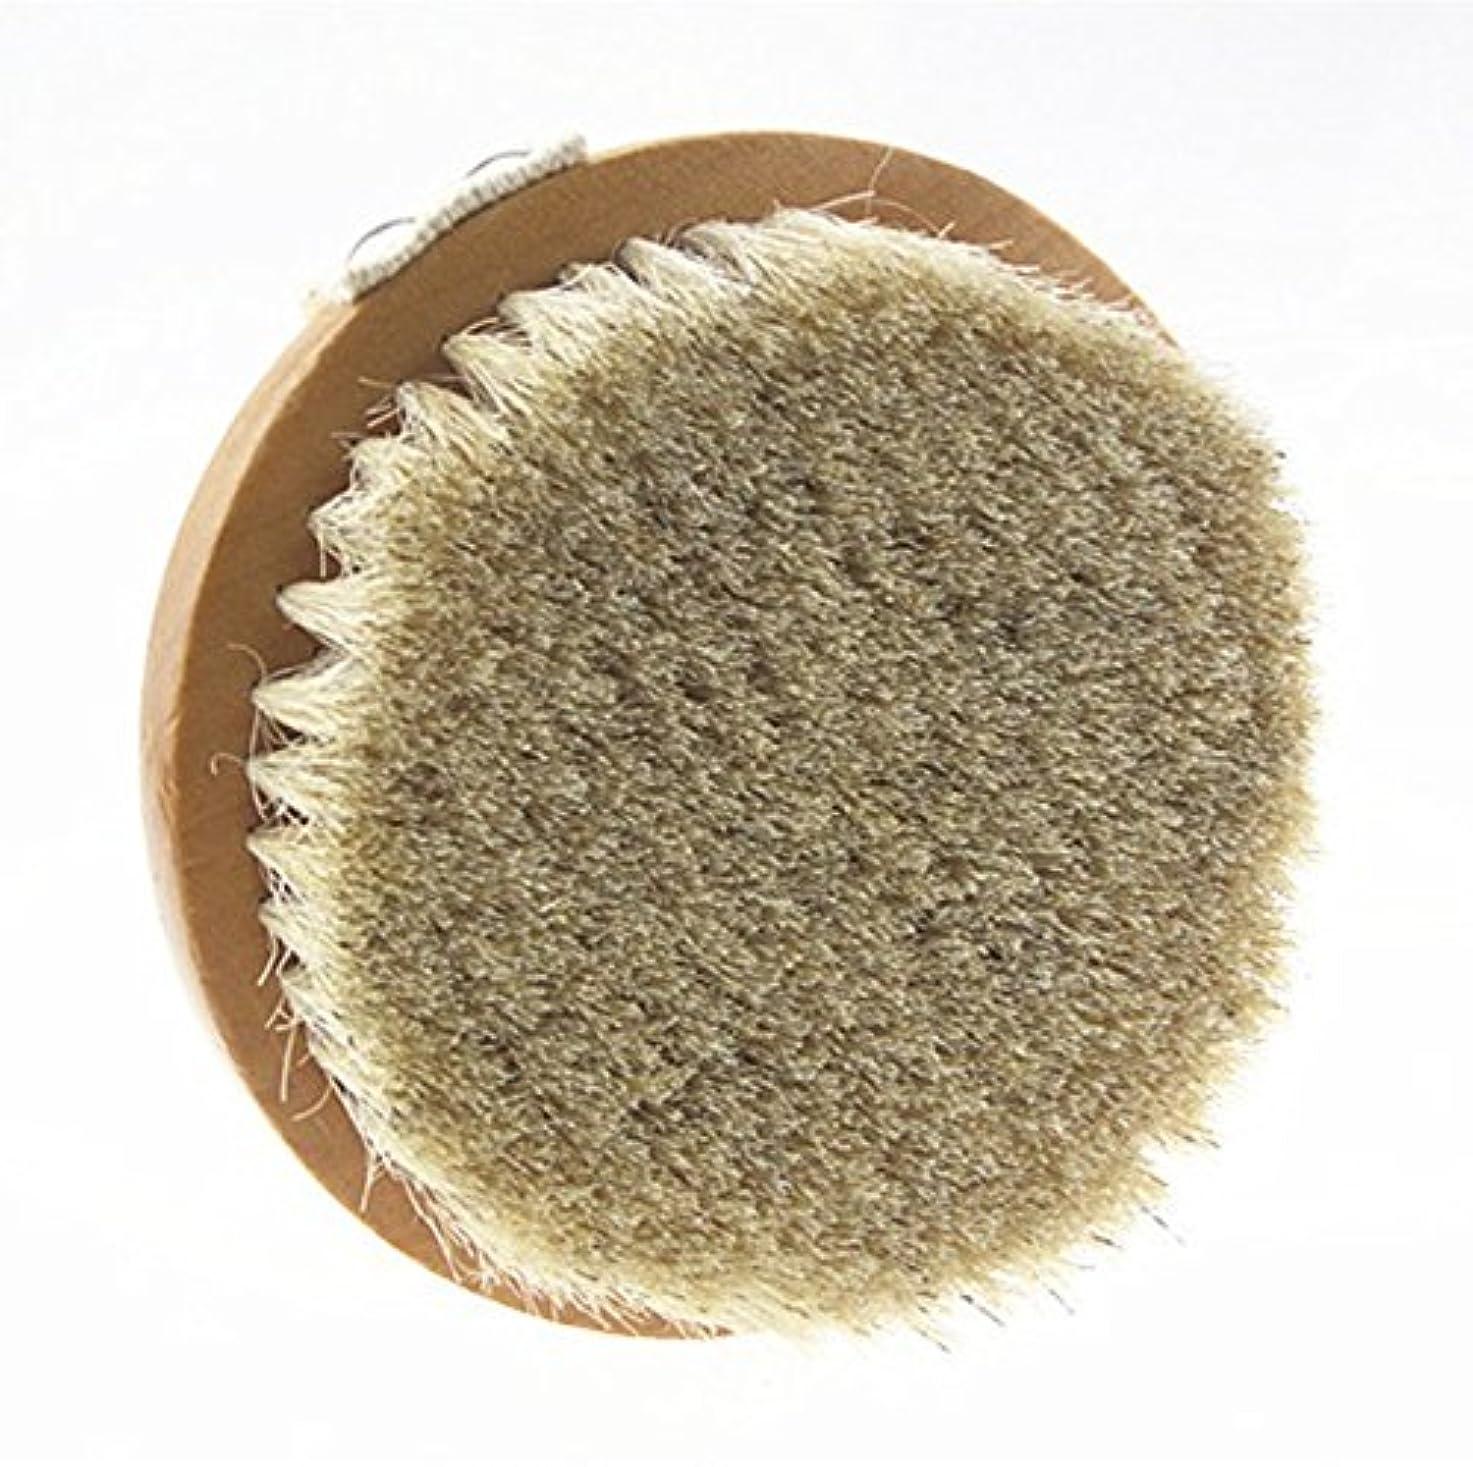 話す警告白菜Sweetimes ボディブラシ 丸型 高級な馬毛100% 角質除去 バス用品 天然素材 低刺激 No.20-1